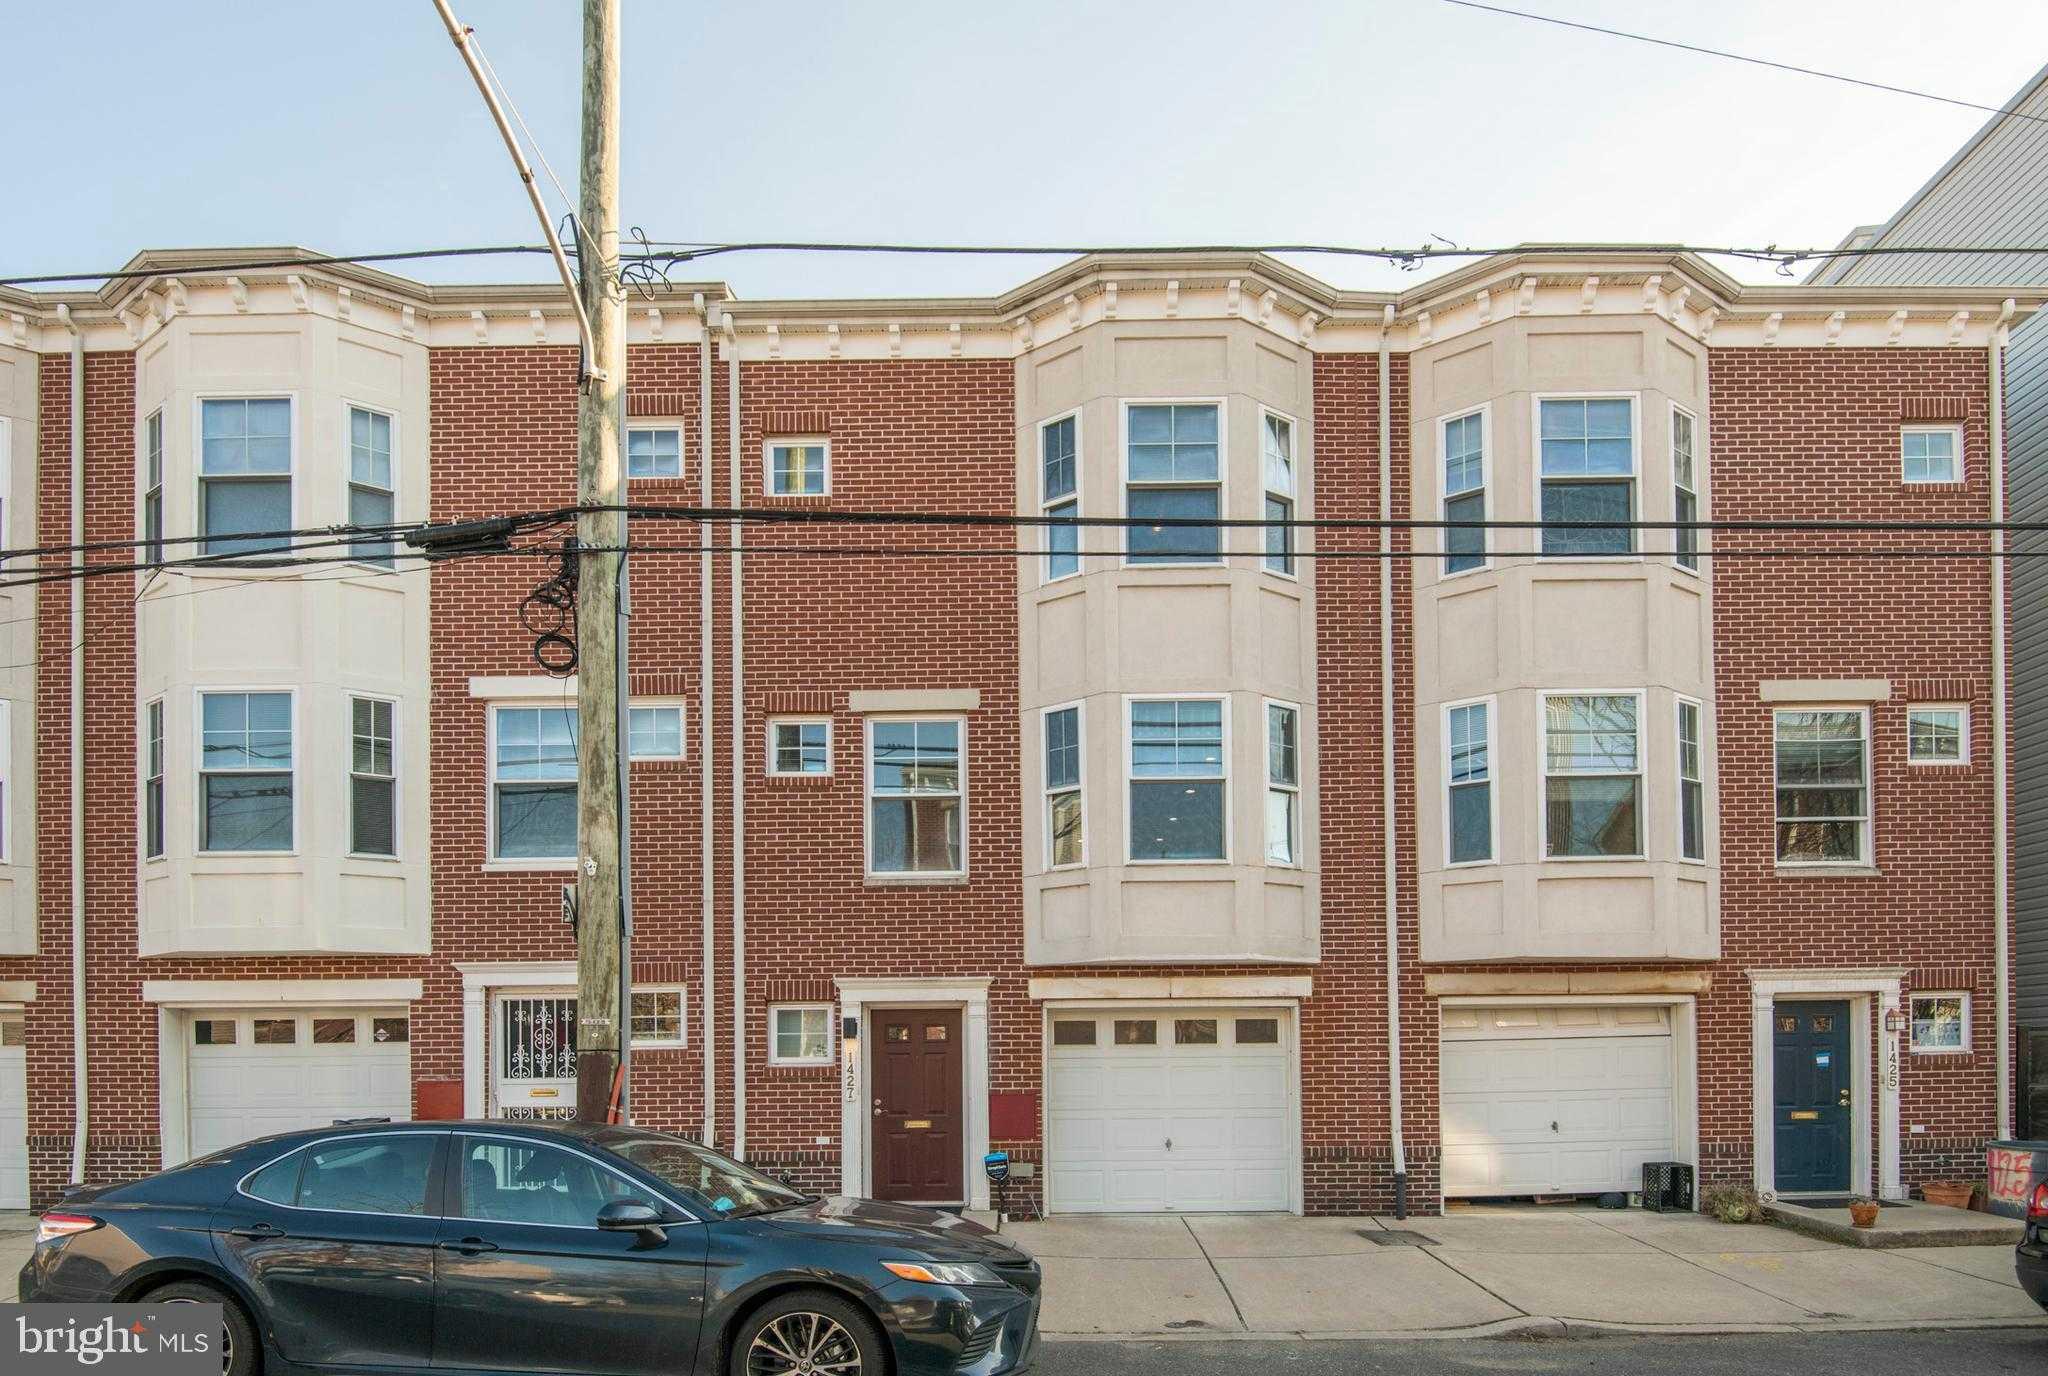 $415,000 - 4Br/2Ba -  for Sale in Olde Kensington, Philadelphia